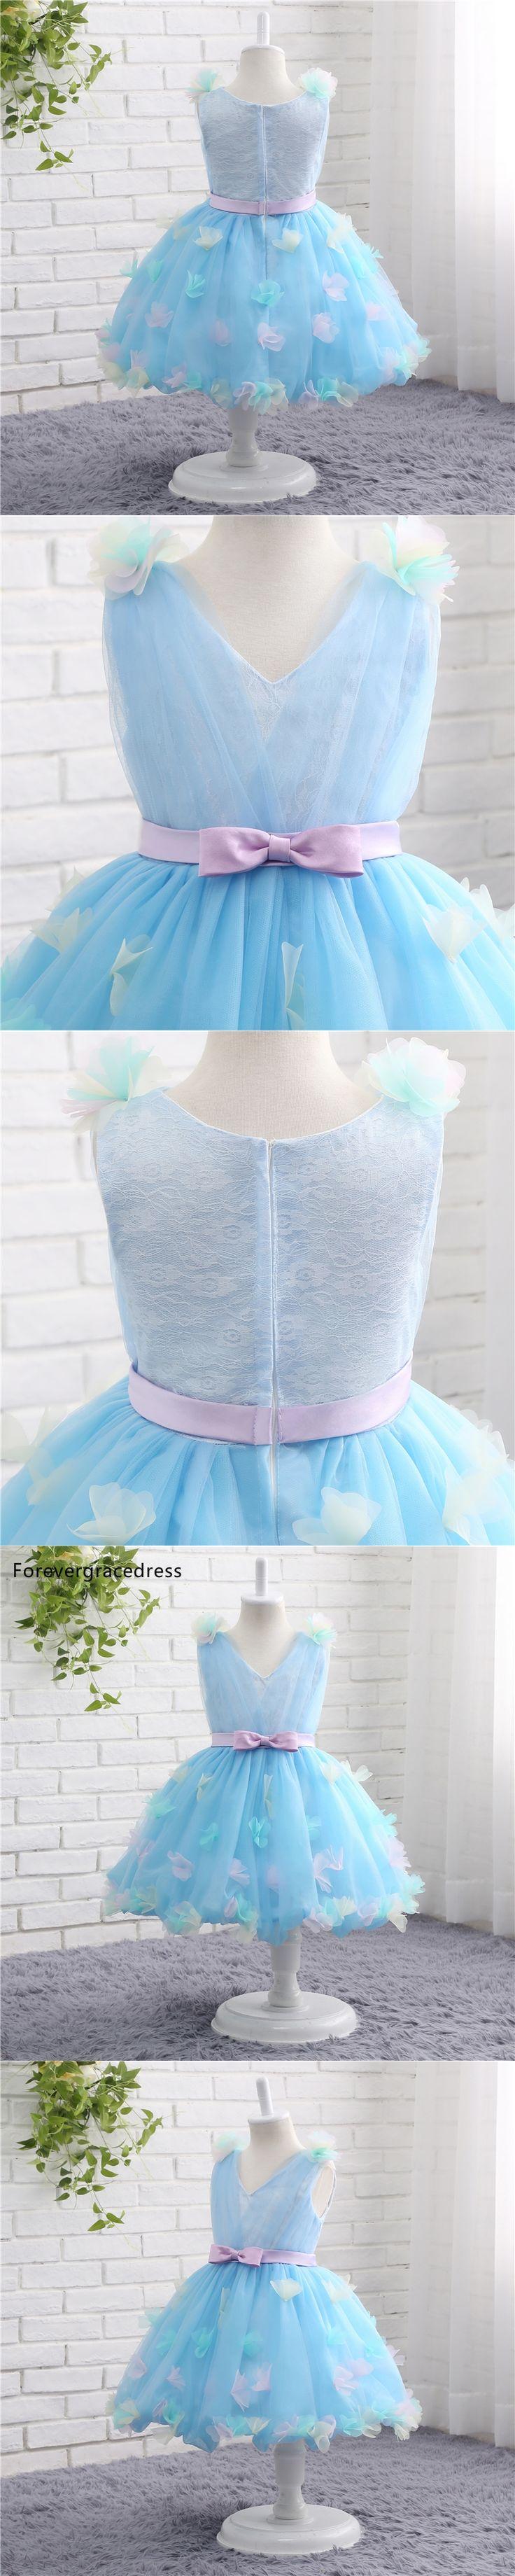 Forevergracedress Real Photos Lovely Flower Girl Dress Cute V Neck Sleeveless With Sashes Kids Children Pageant Dress